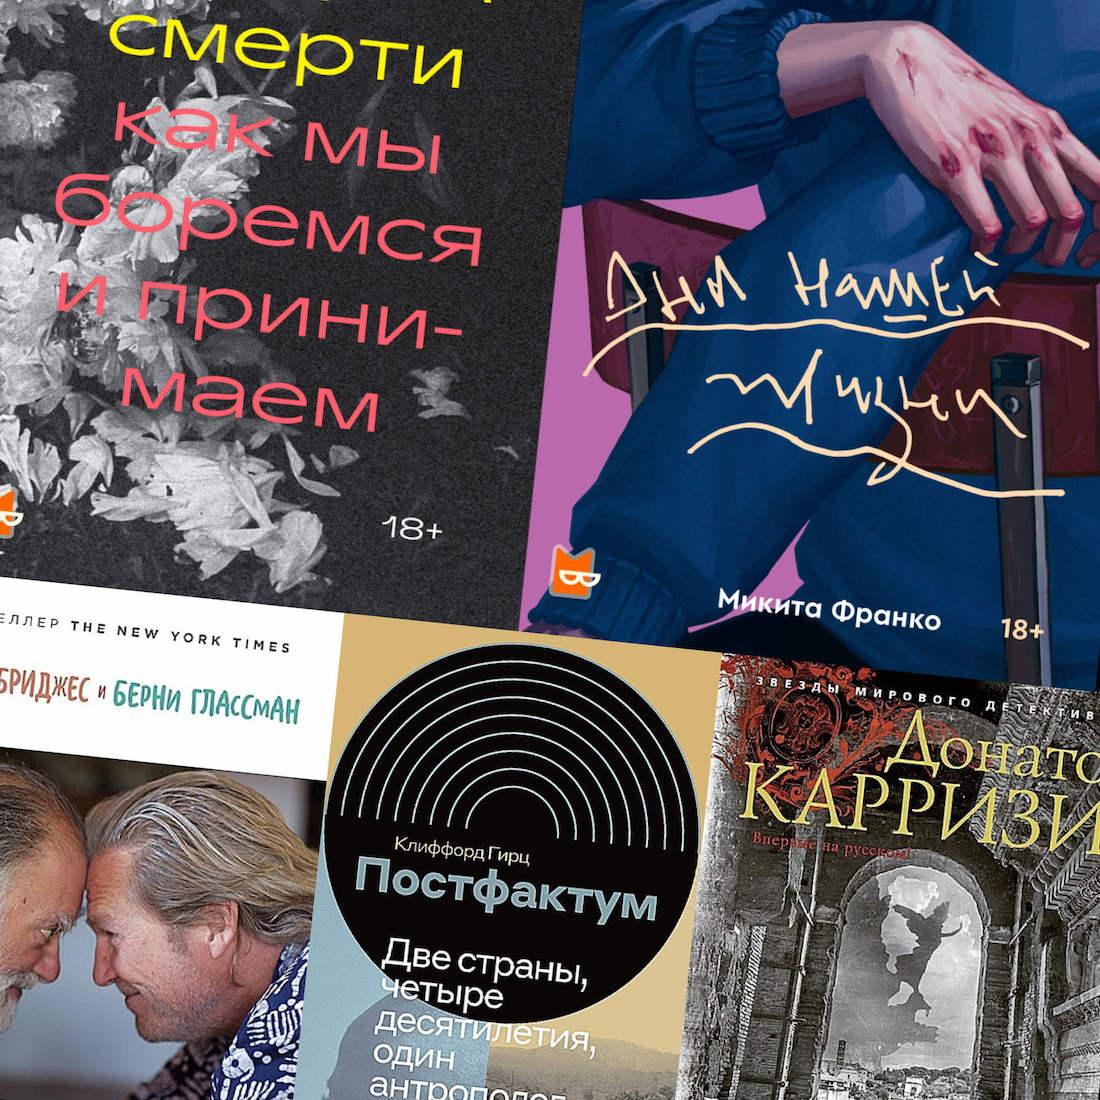 Обложки книг: «Дни нашей жизни», «История смерти», «Игра Подсказчика», «Постфактум», «Чувак имастер дзен»